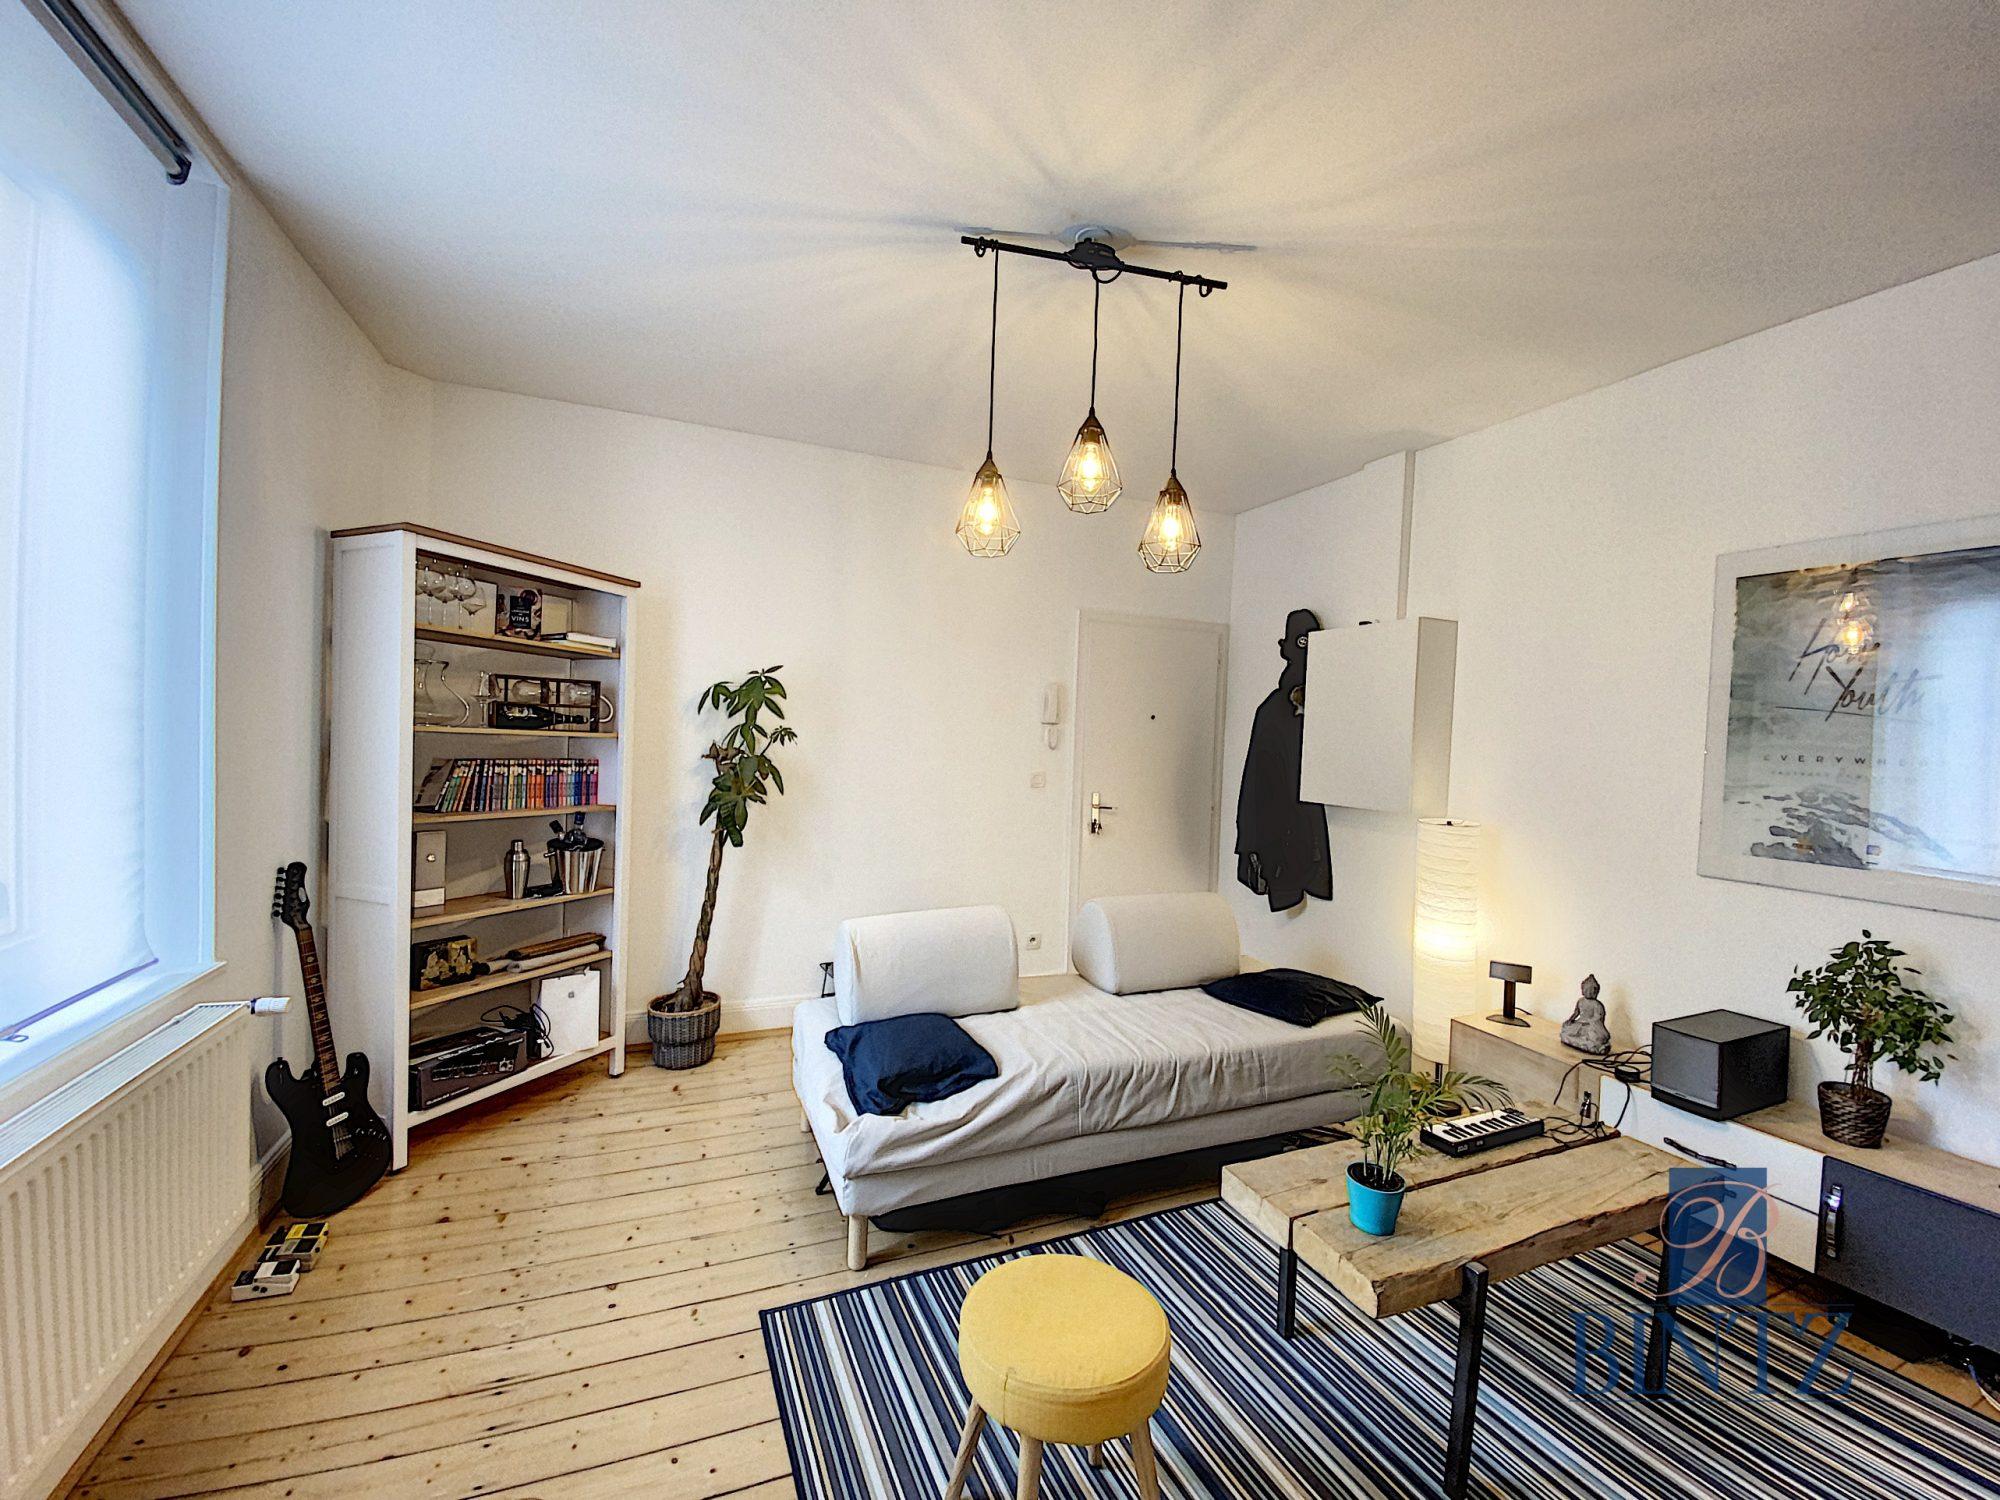 BEAU 2 PIÈCES CONTADES - Devenez locataire en toute sérénité - Bintz Immobilier - 2